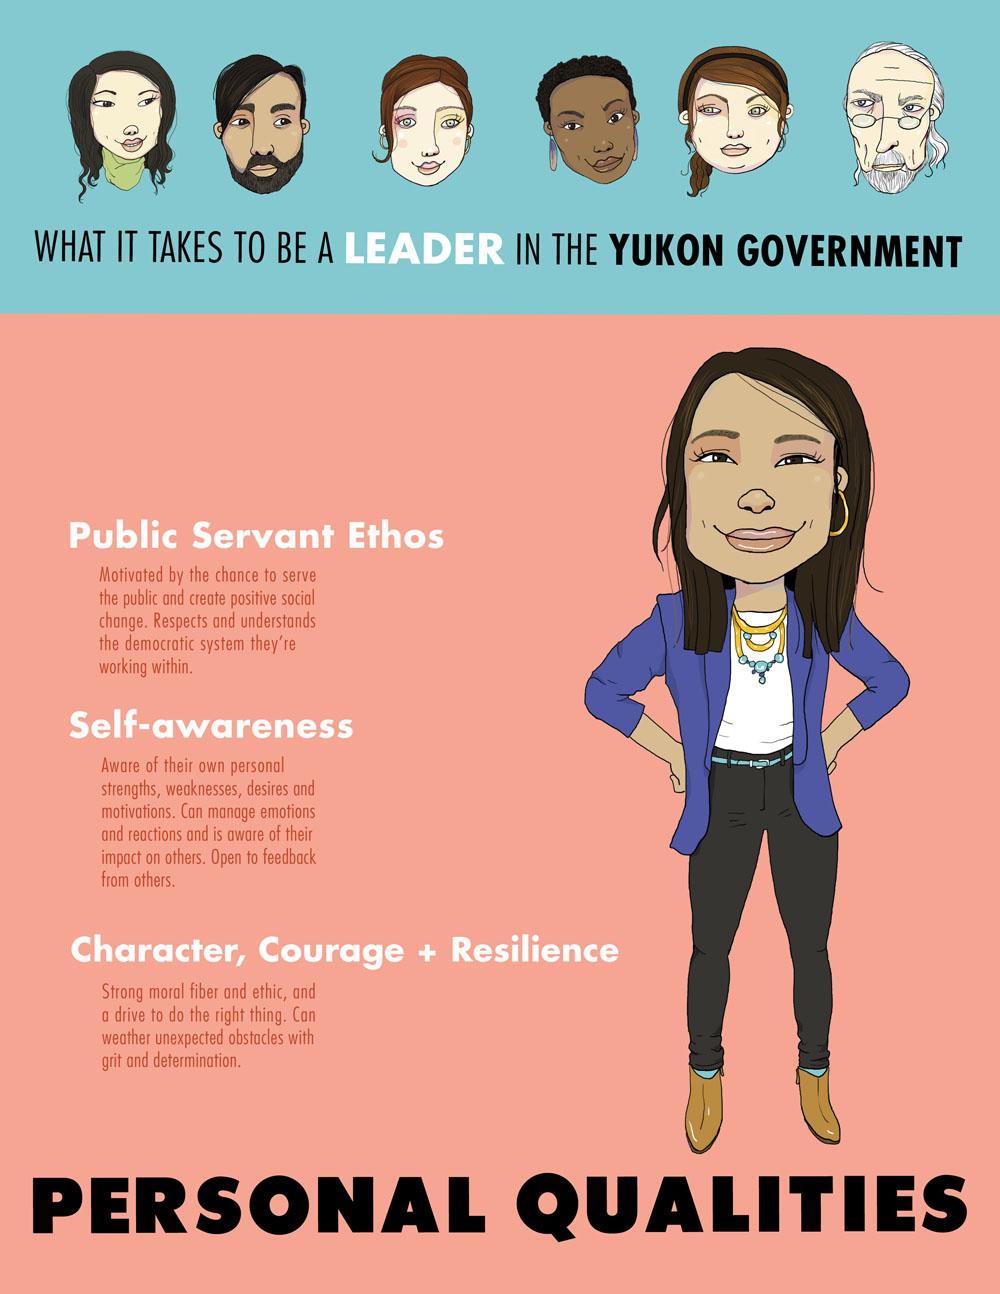 Yukon Gov't Leadership. Illustrated by Monika Melnychuk.